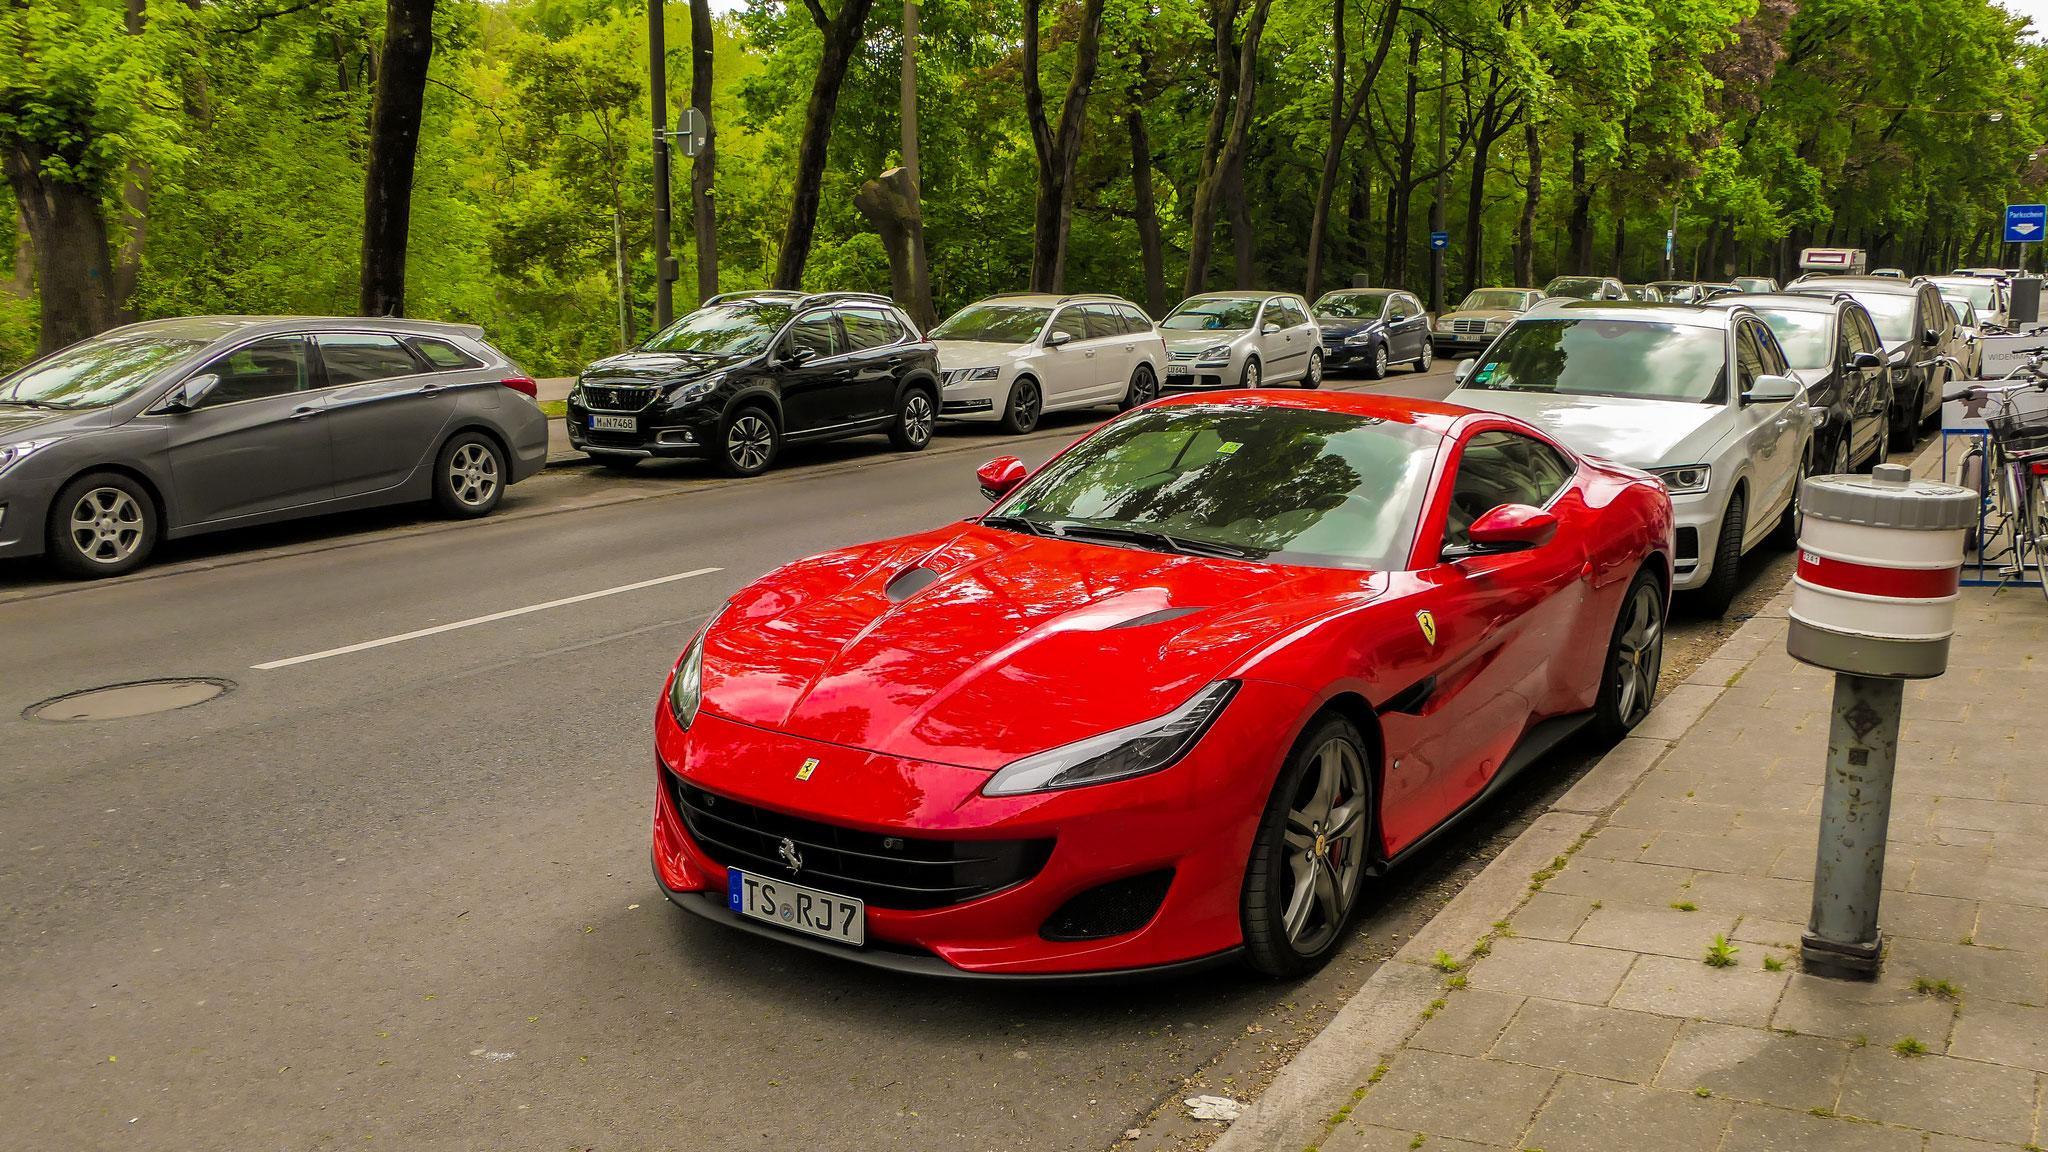 Ferrari Portofino - TS-RJ-7